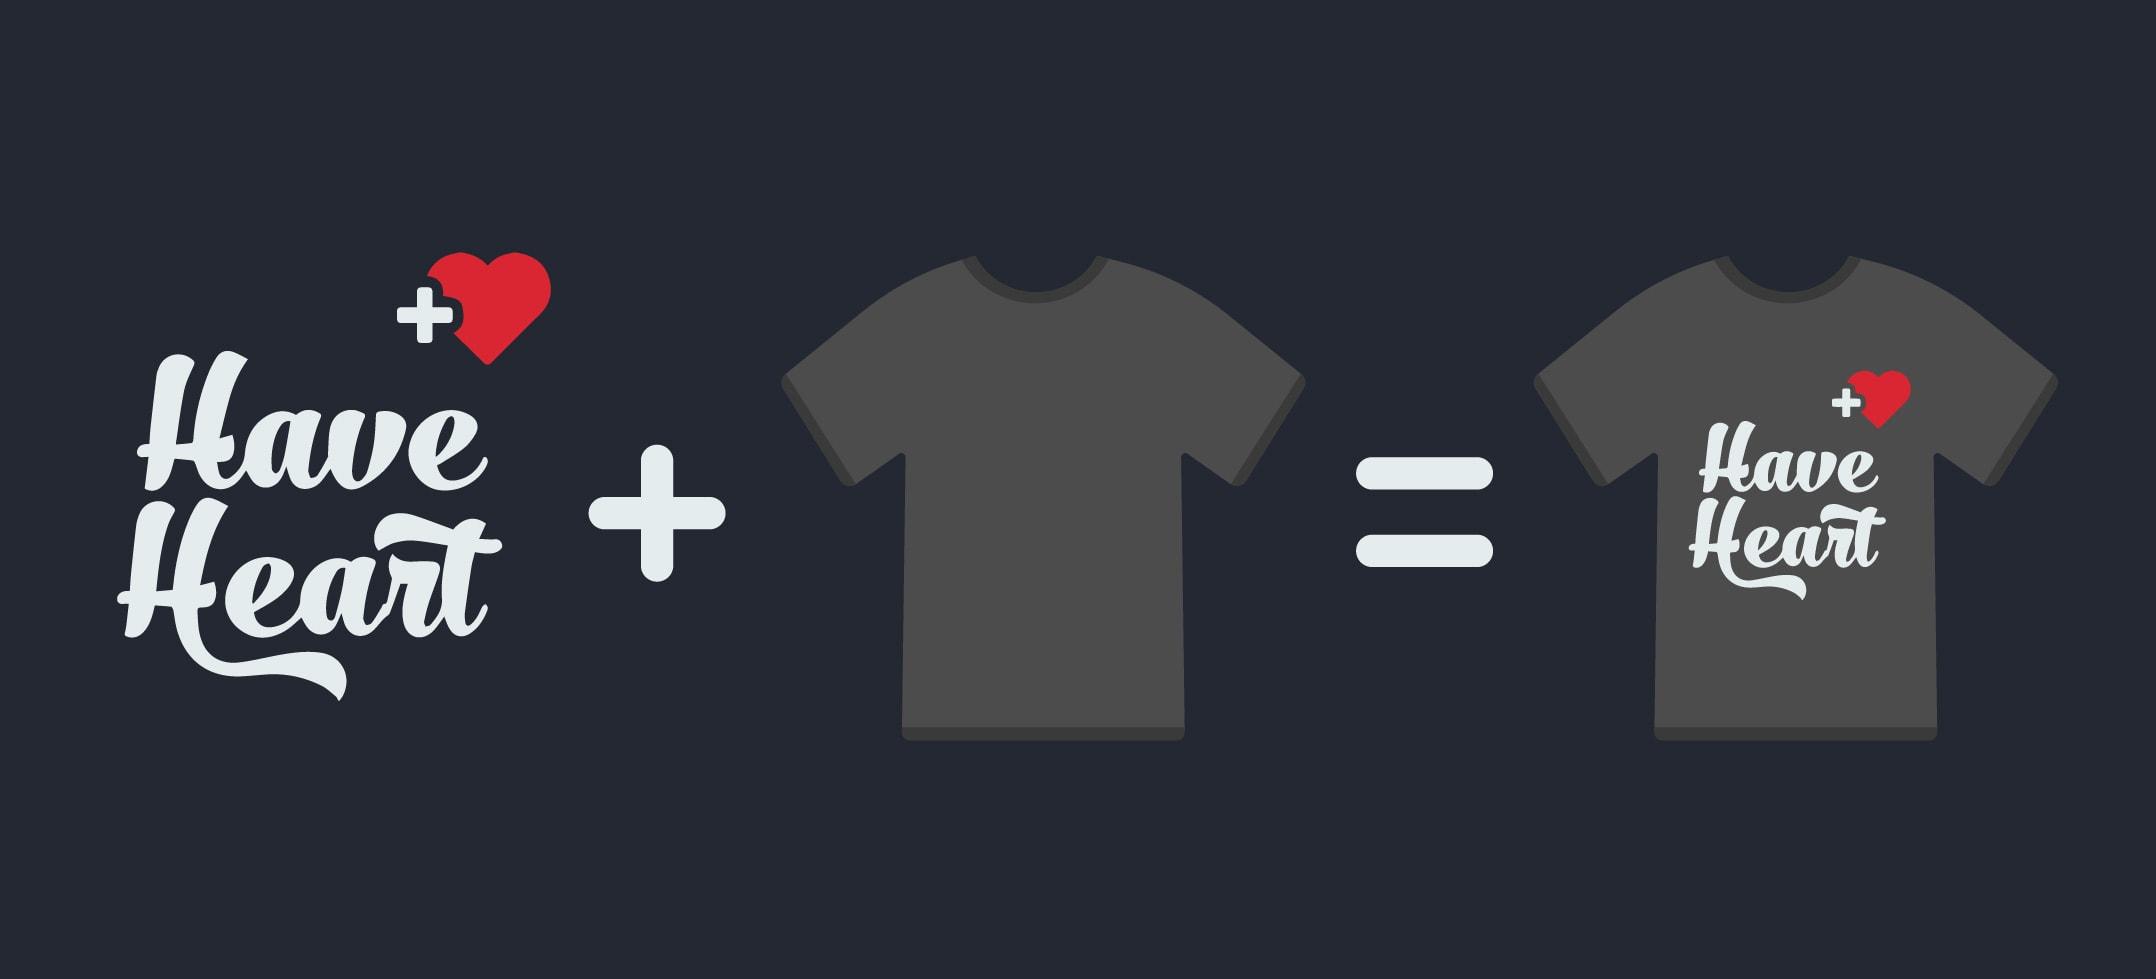 Design t shirt photoshop cs5 - Design T Shirt Photoshop Online T Shirt Templates Download